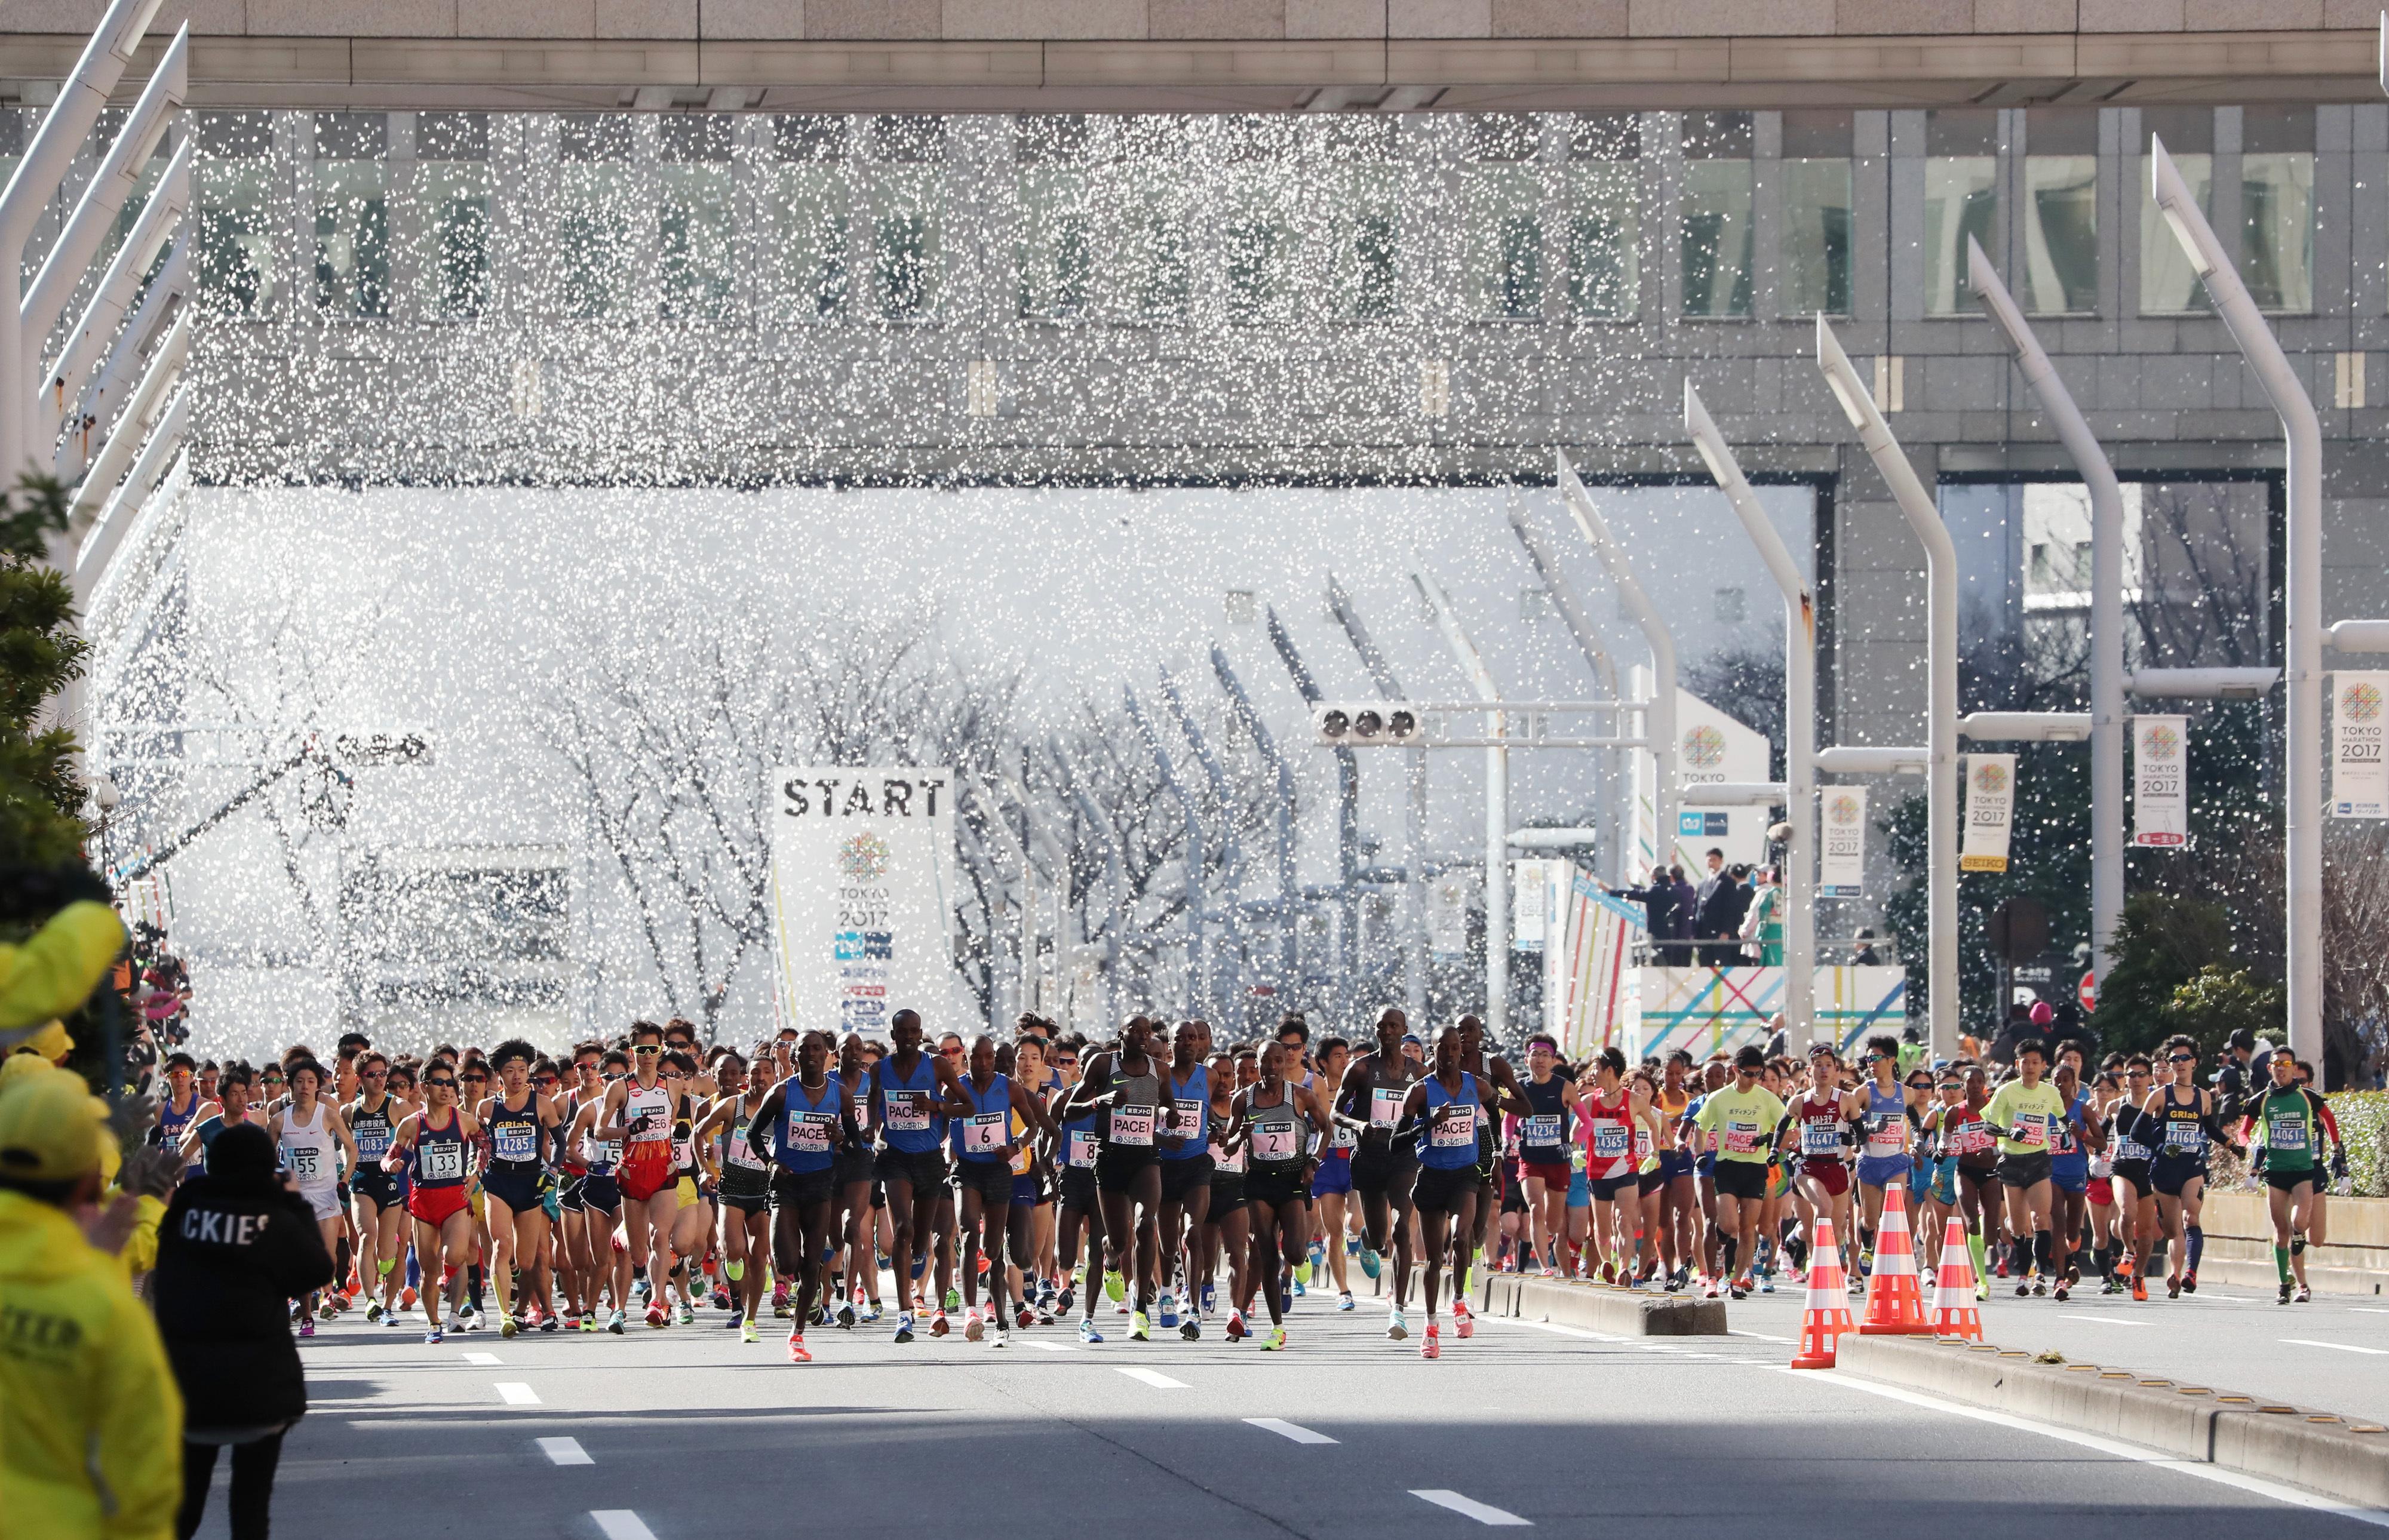 jo 2020 le marathon de tokyo partira 06h cause de la chaleur tokyo 2020 jeux olympiques. Black Bedroom Furniture Sets. Home Design Ideas